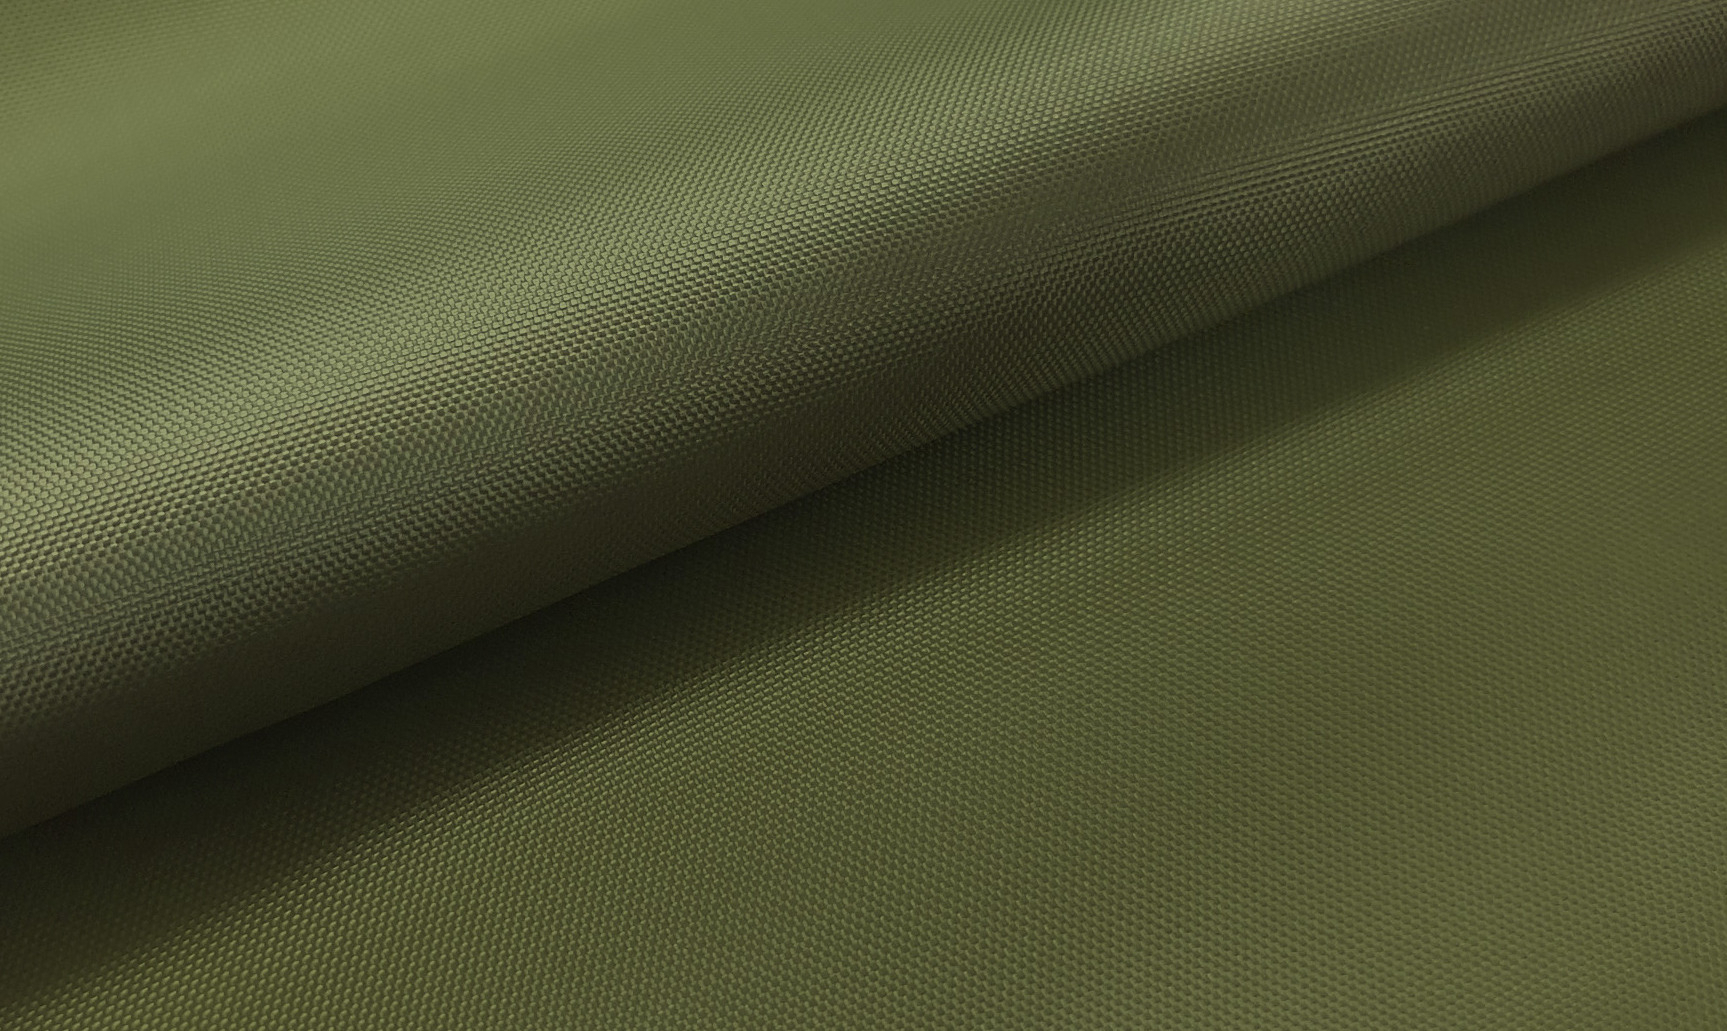 Оксфорд 210д с пропиткой пу1000 ткань для обивки дивана купить в иркутске